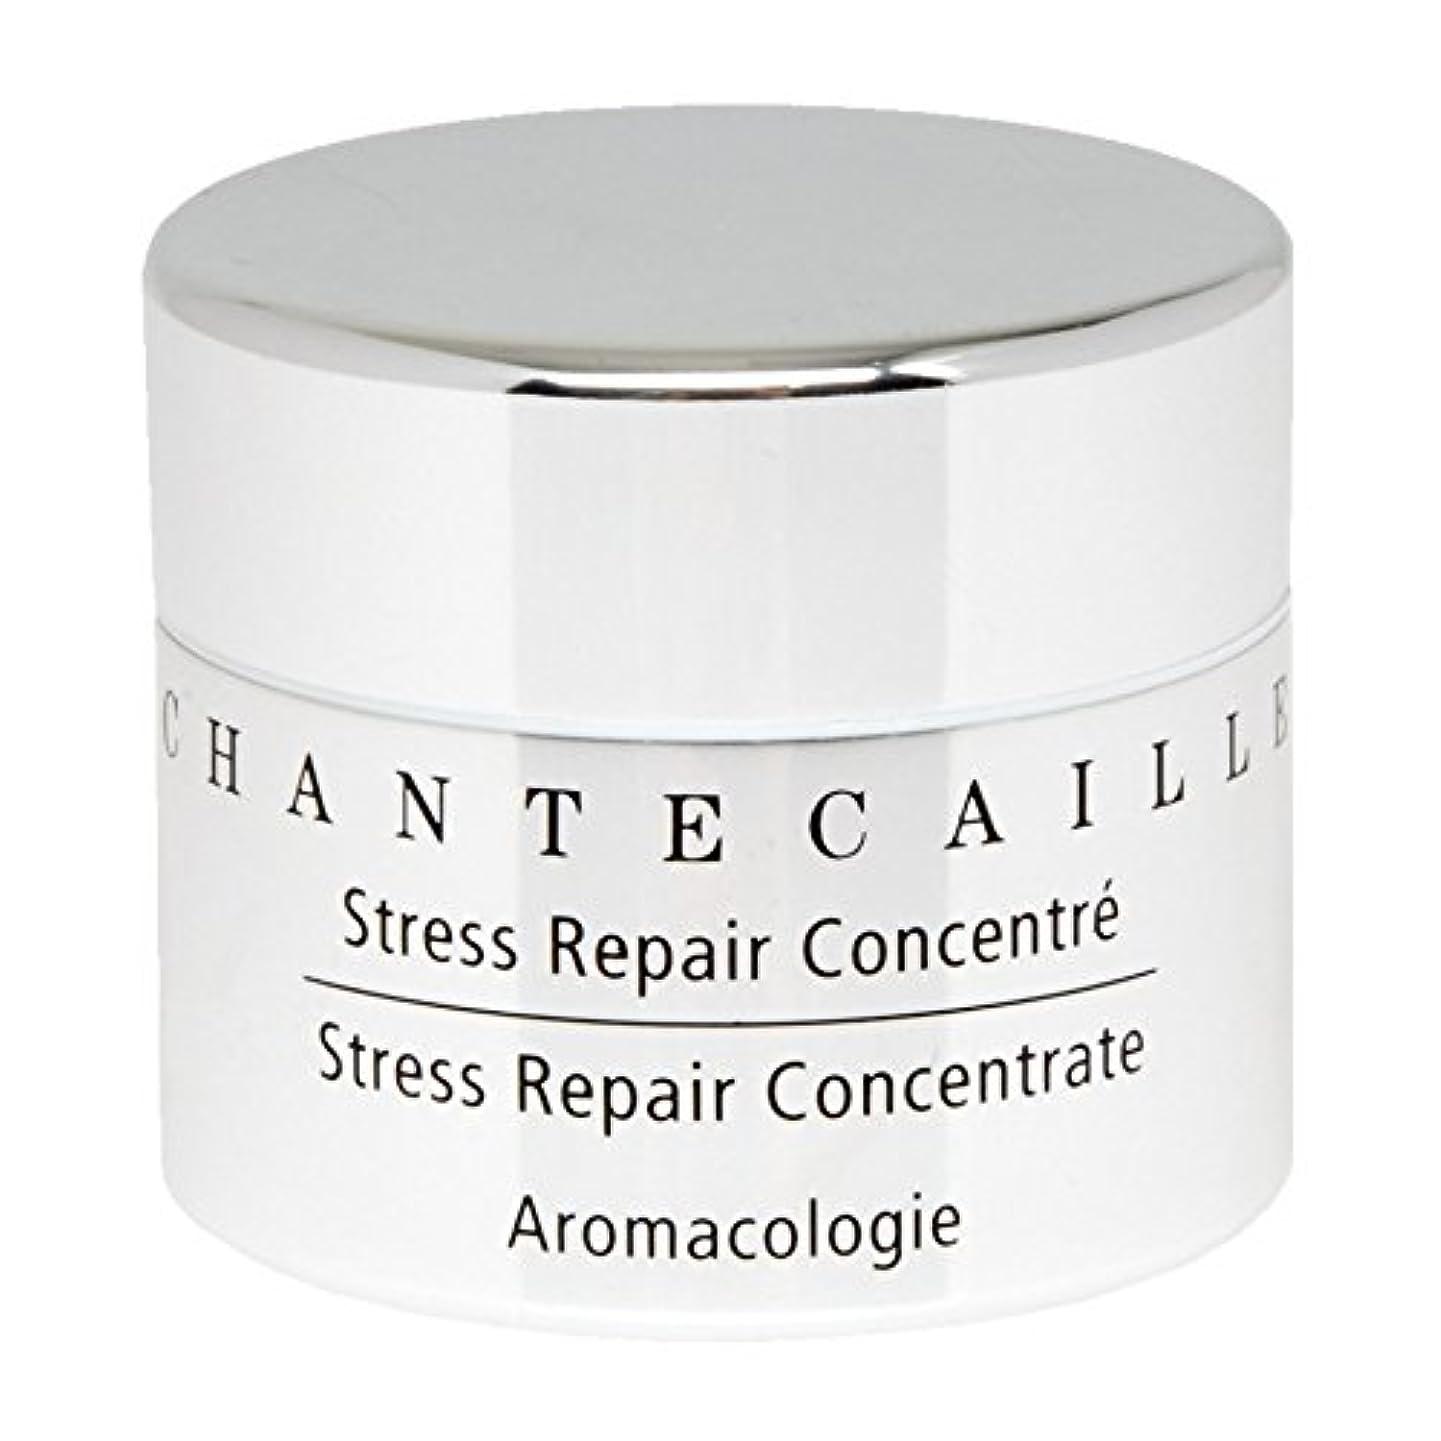 に対応ペルメルトークChantecaille Stress Repair Concentrate 15ml - シャンテカイユストレス修復濃縮15ミリリットル [並行輸入品]